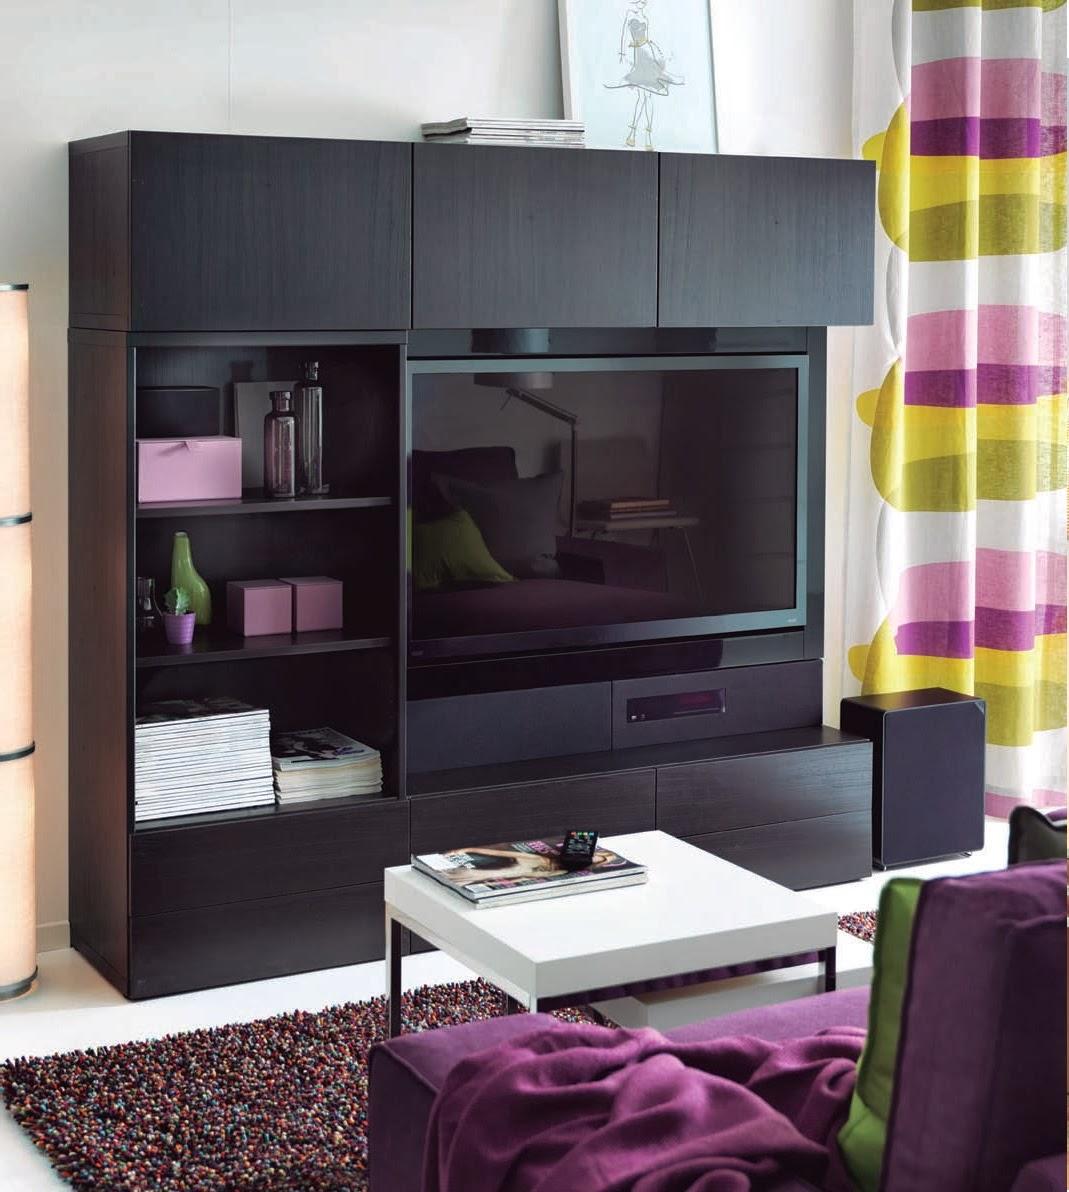 Salas De Estar De Ikea ~ Março 2014  Miau  ideias de decoração